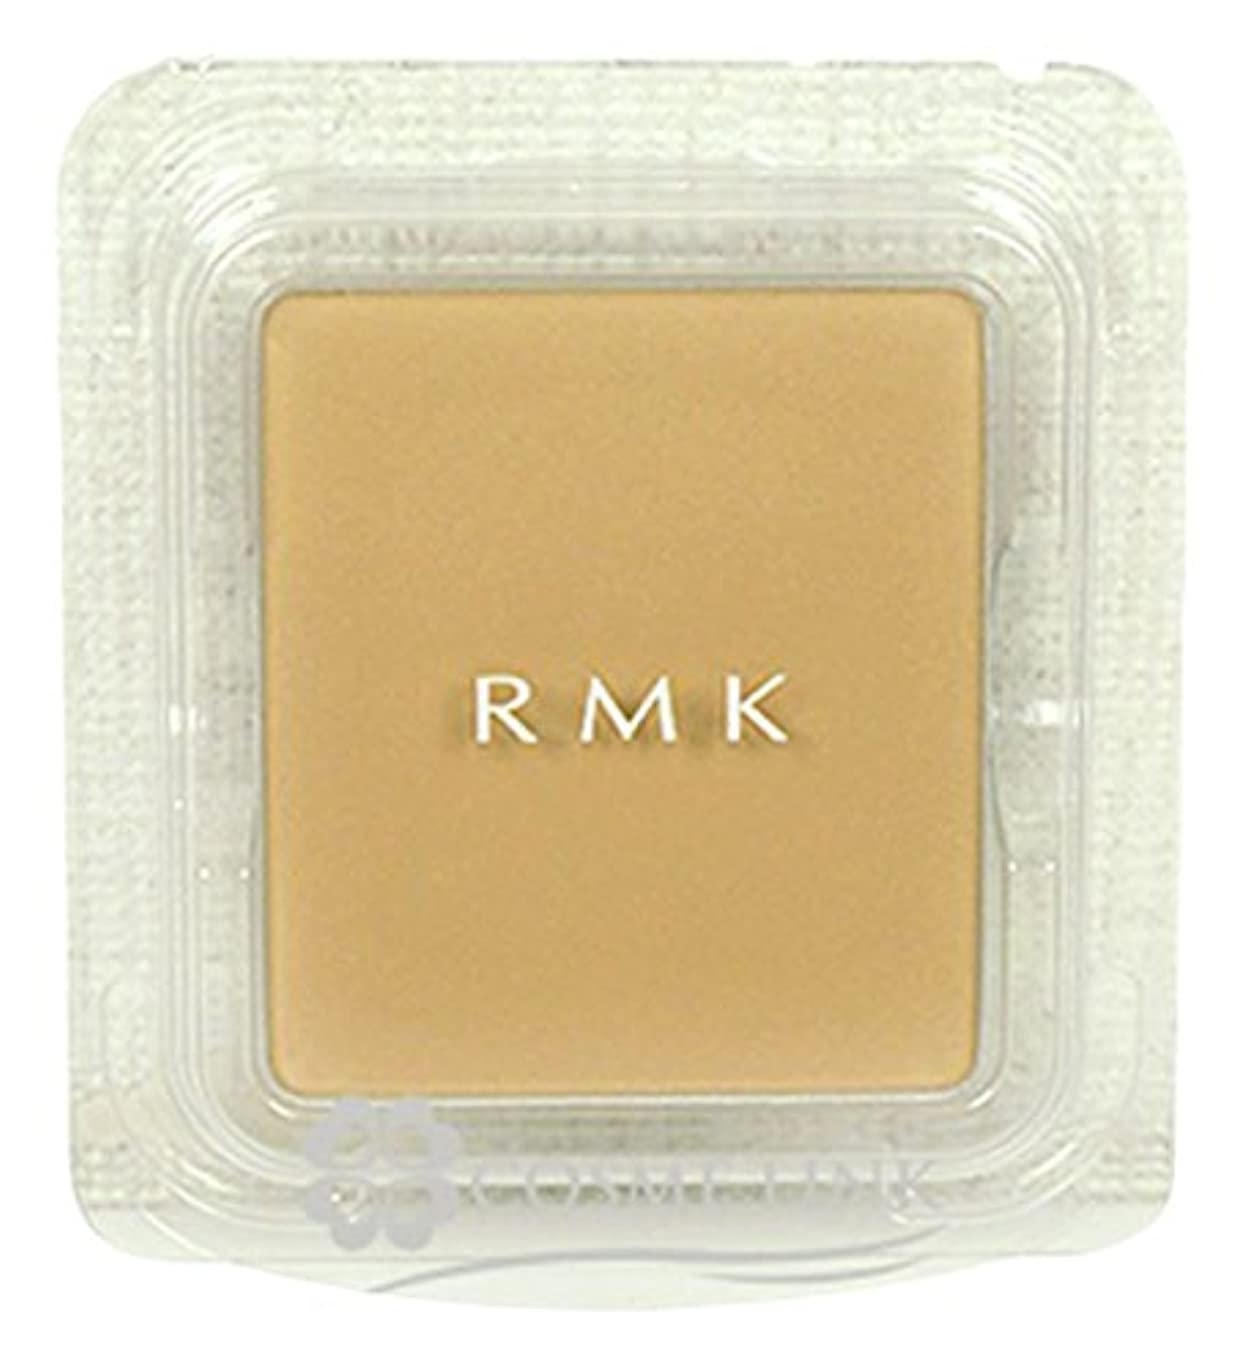 快適精査する入るRMK アールエムケー UVパウダー ファンデーション(レフィル) #103L 11g [並行輸入品]